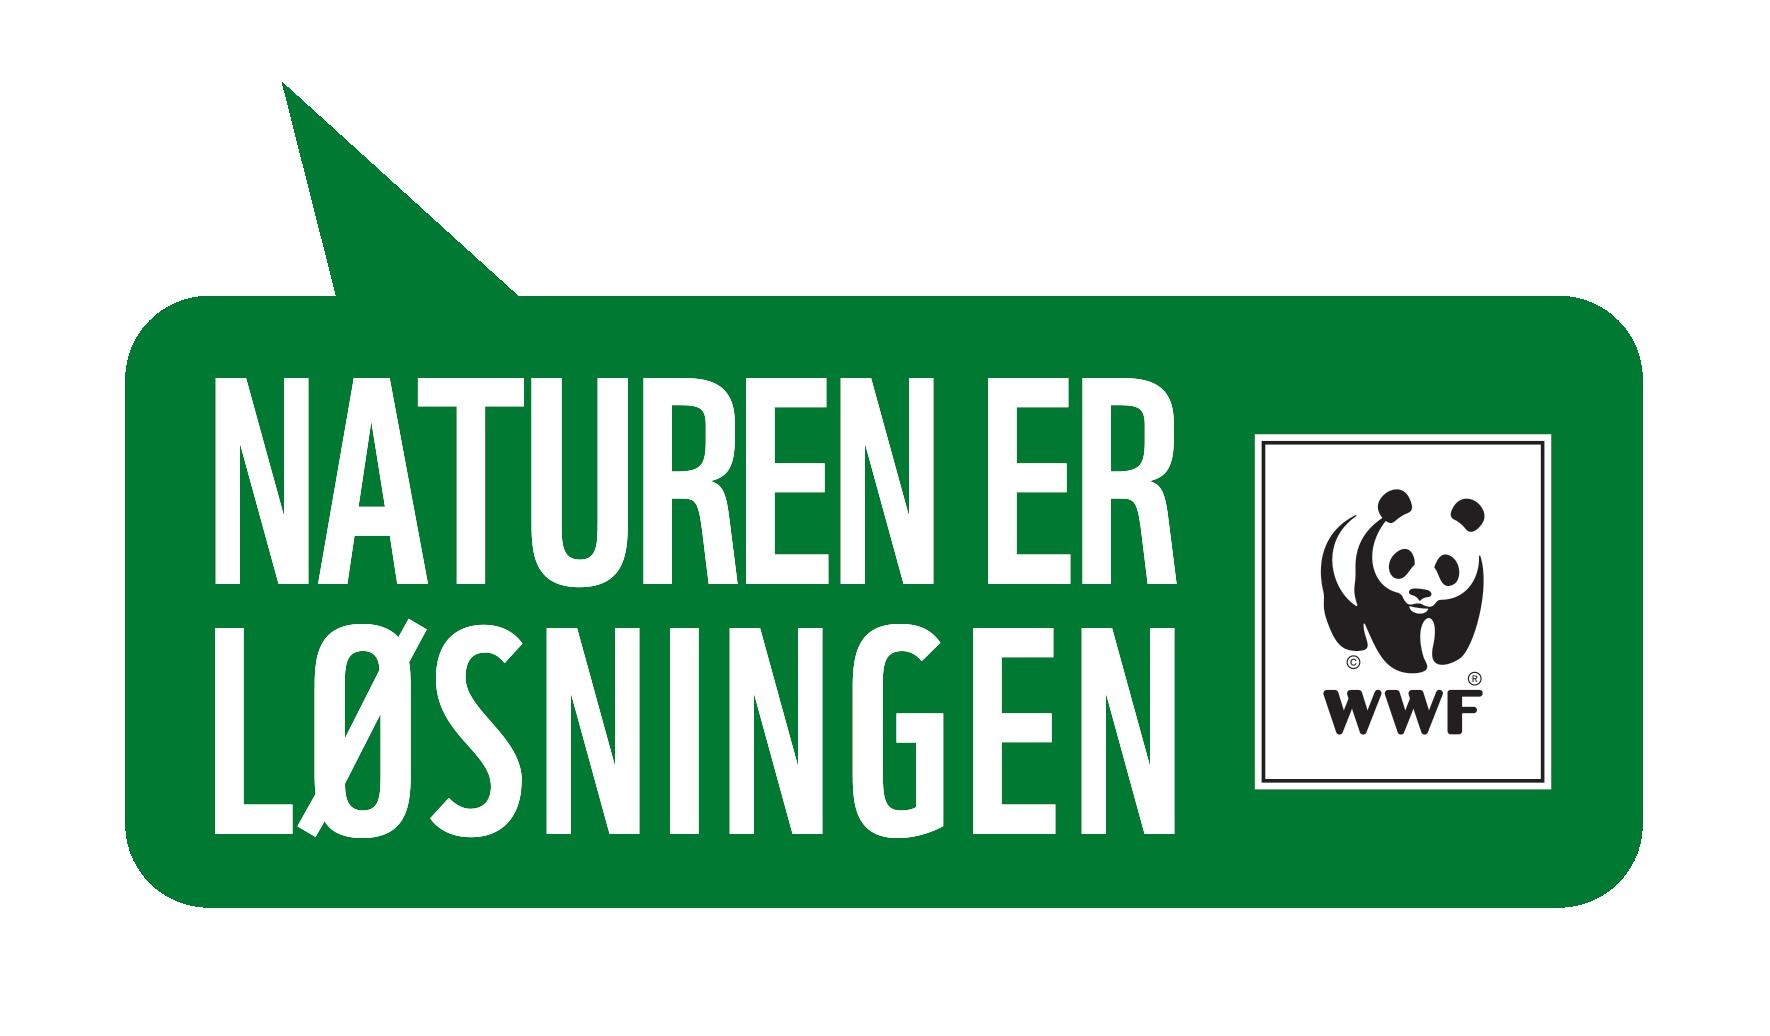 WWF_Naturen_er_loesningen_logo